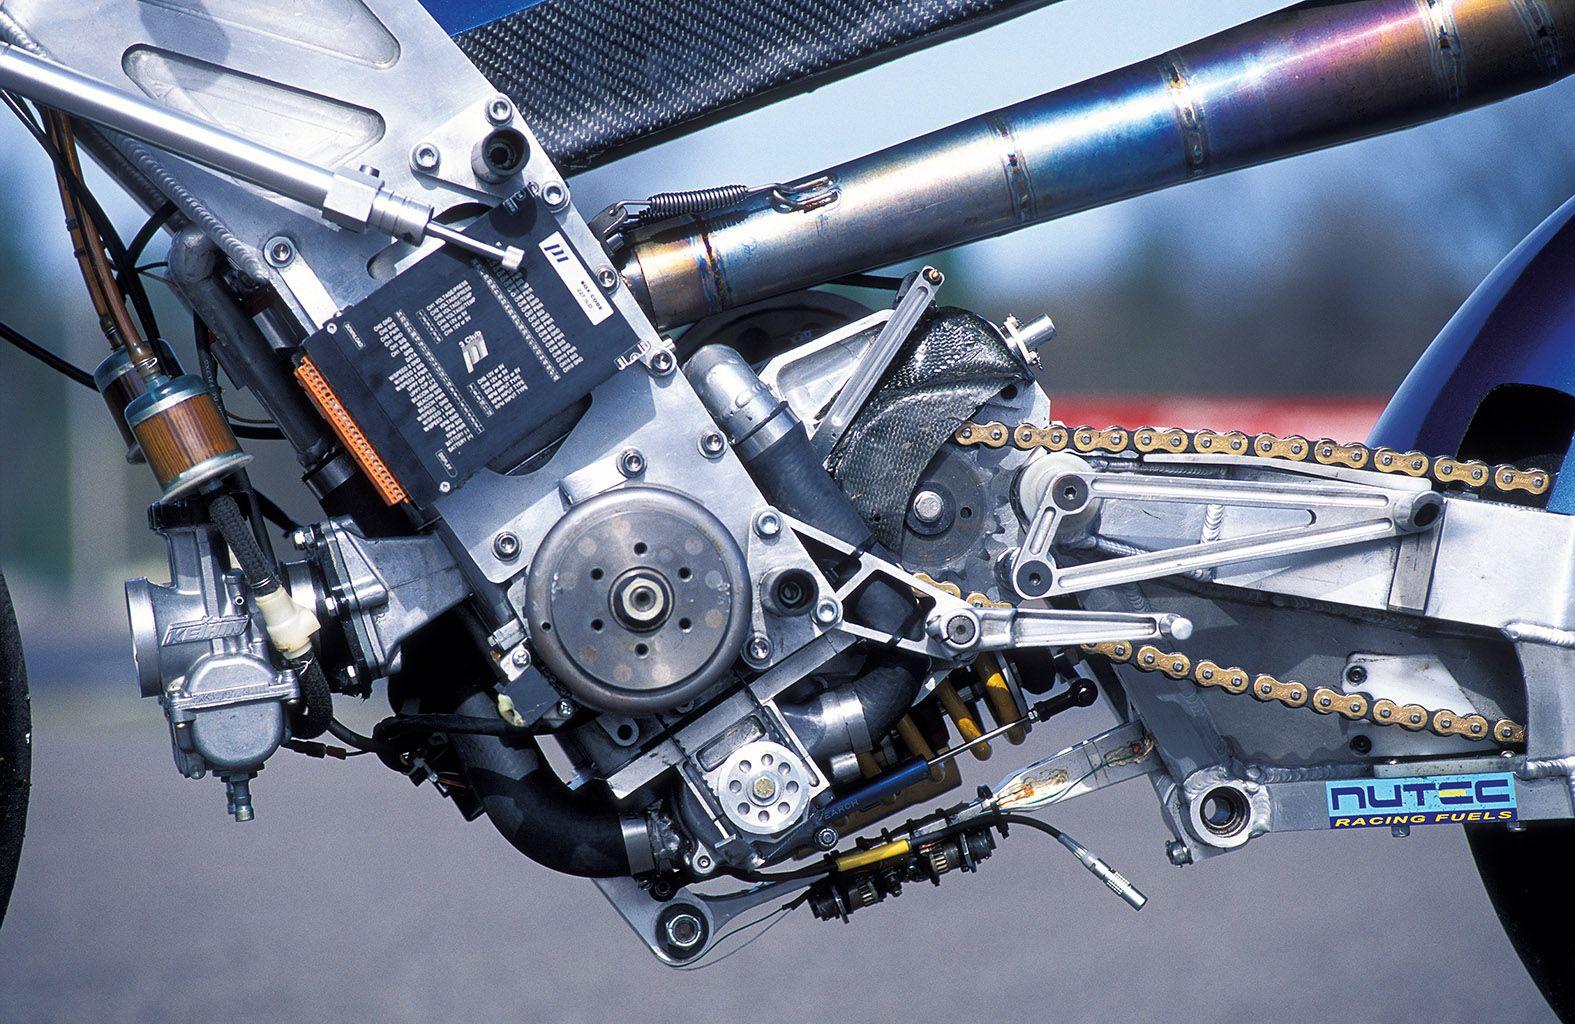 Tularis 800 motocycle motobike electric ? engine | Bike design, Motorcycle  design, Racing motorcycles